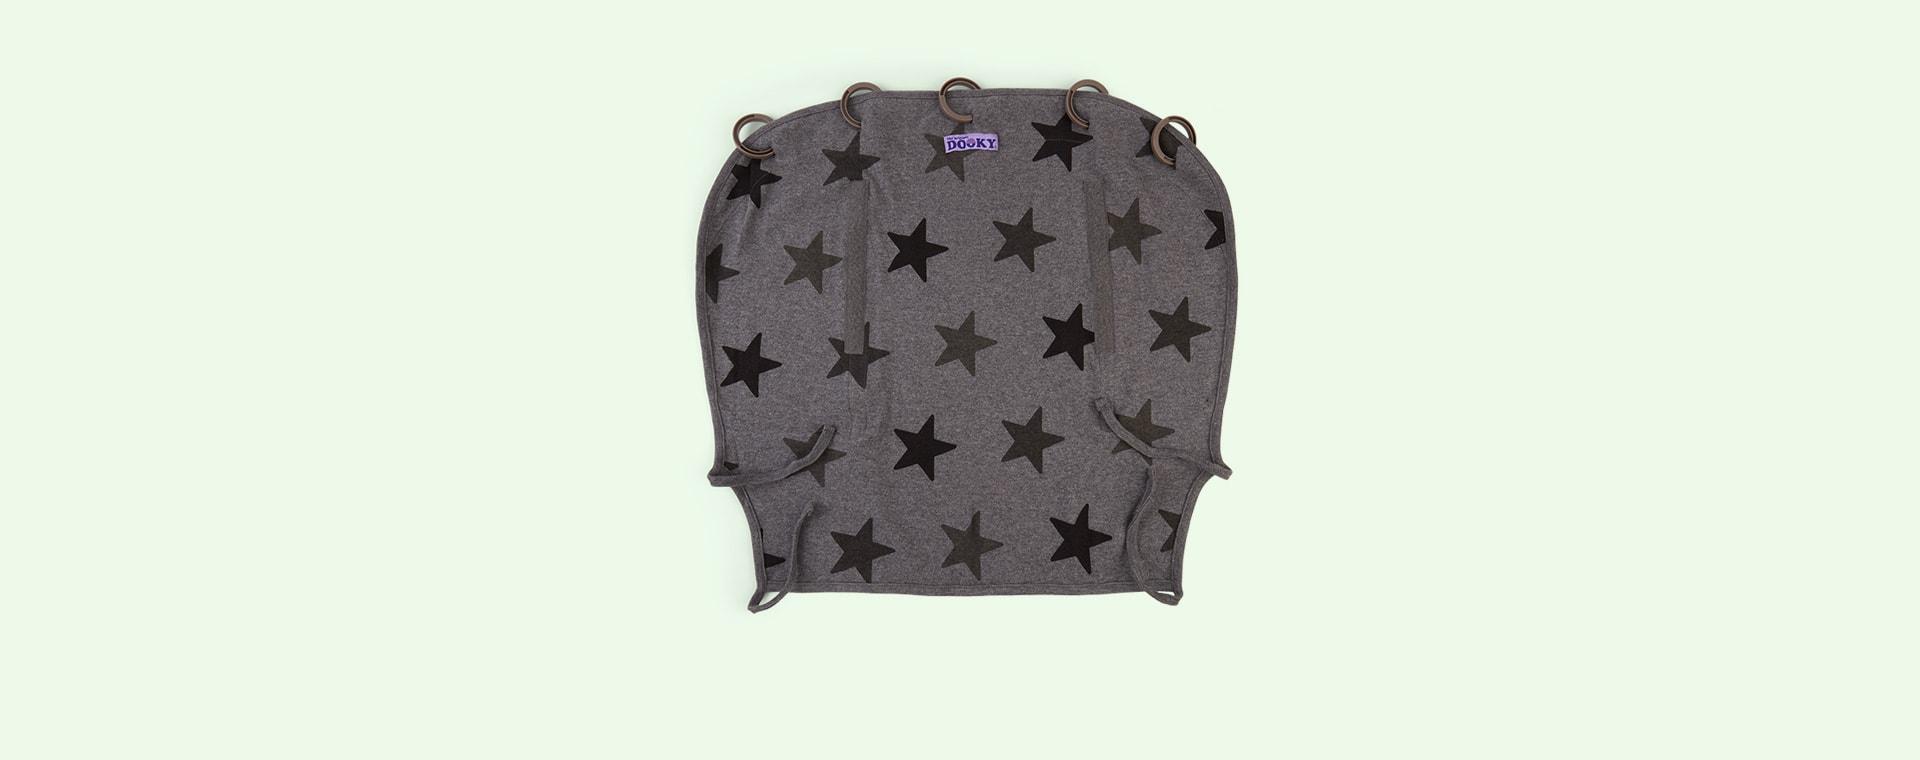 Stars Dooky Sunshade